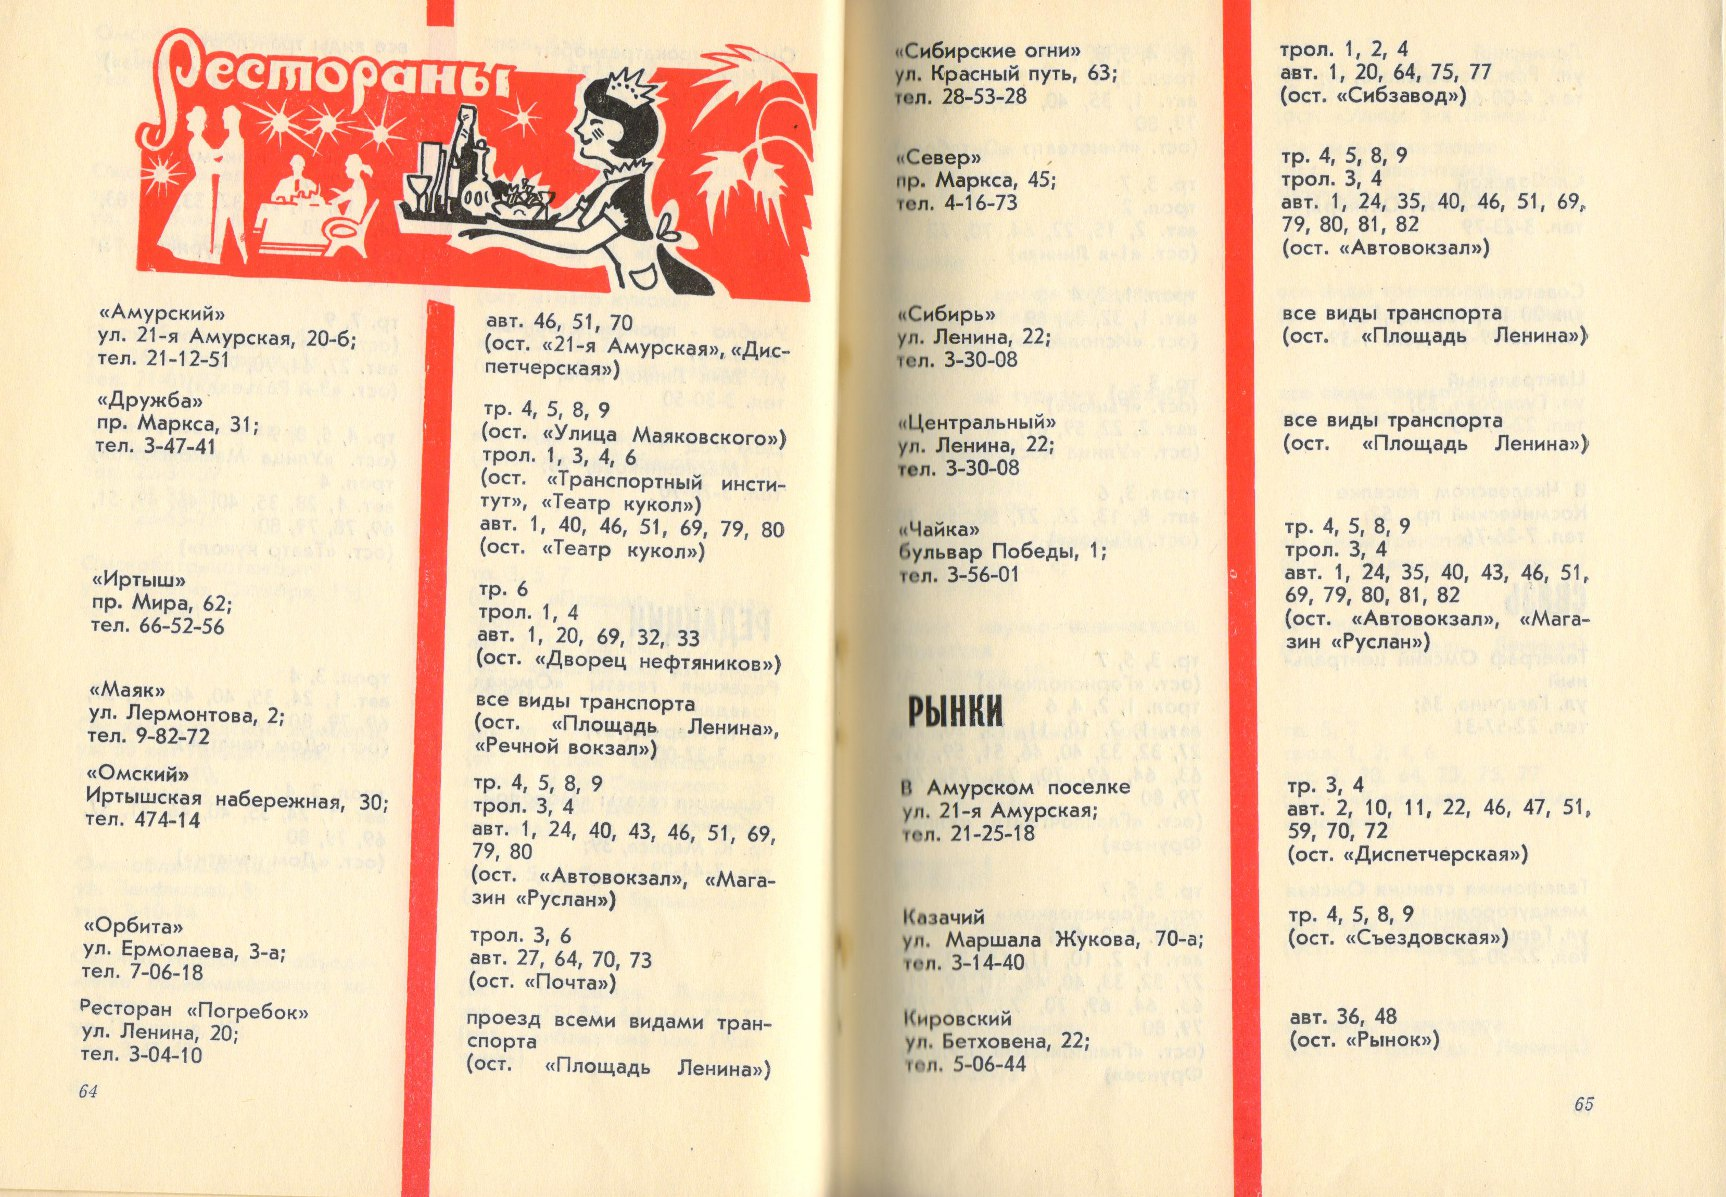 Телефонный справочник организаций омск